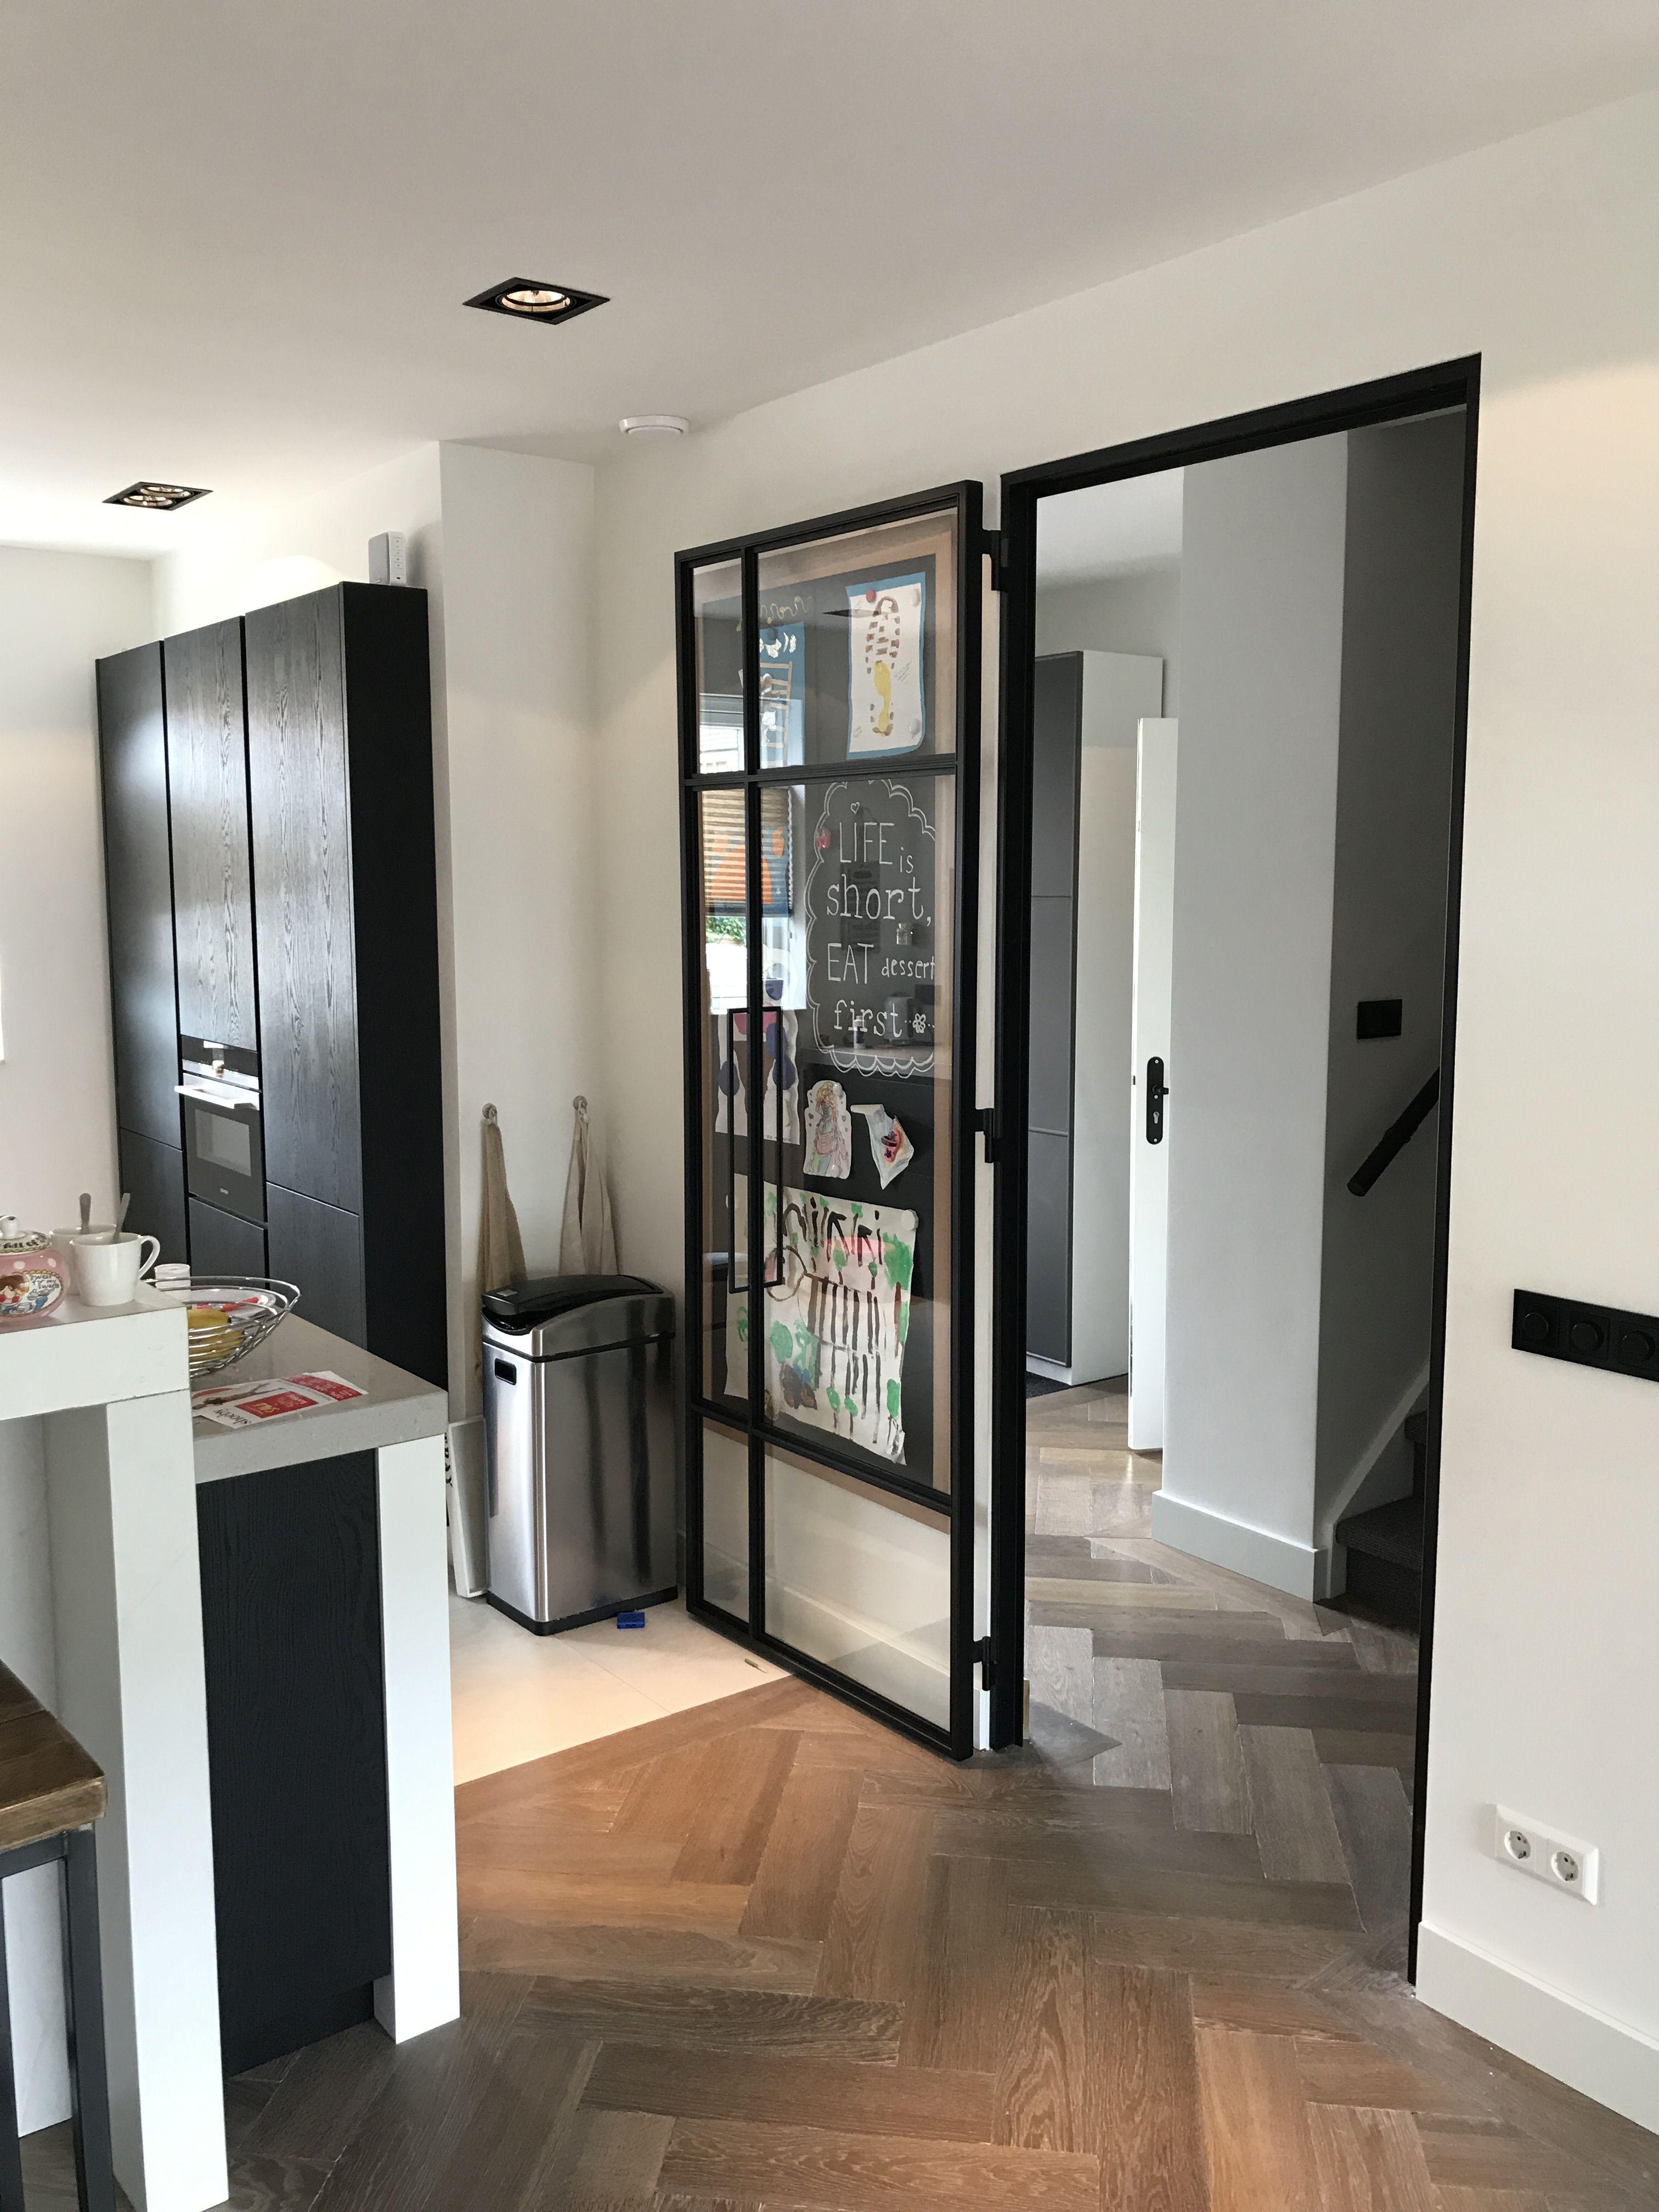 Super Stalen kozijn houten vloer visgraat zwarte keuken | Interieur in #ZS81